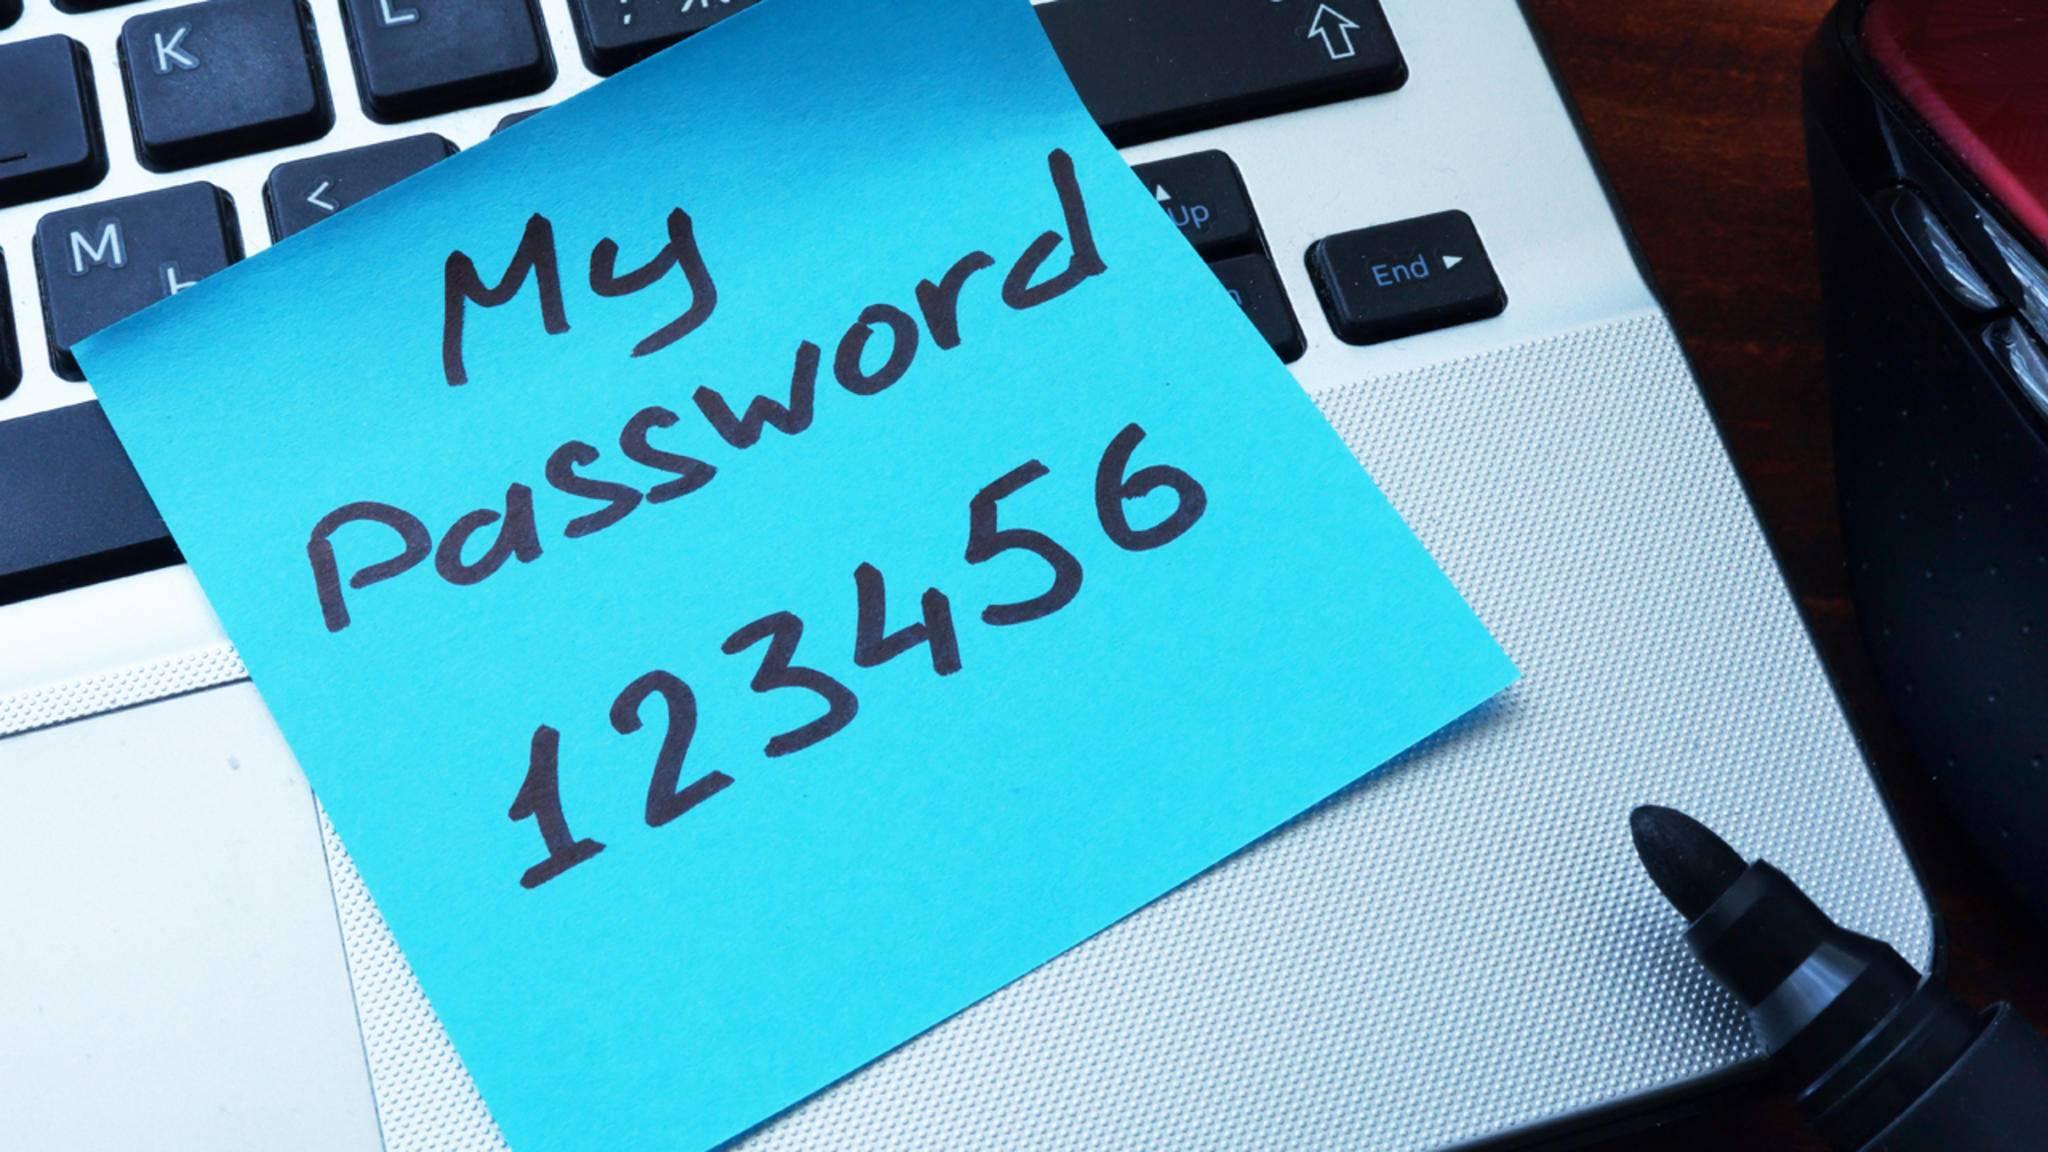 Etwas kreativer solltest Du bei der Passwortwahl schon sein. Und es bitte nicht auf einem Post-it an den PC kleben...